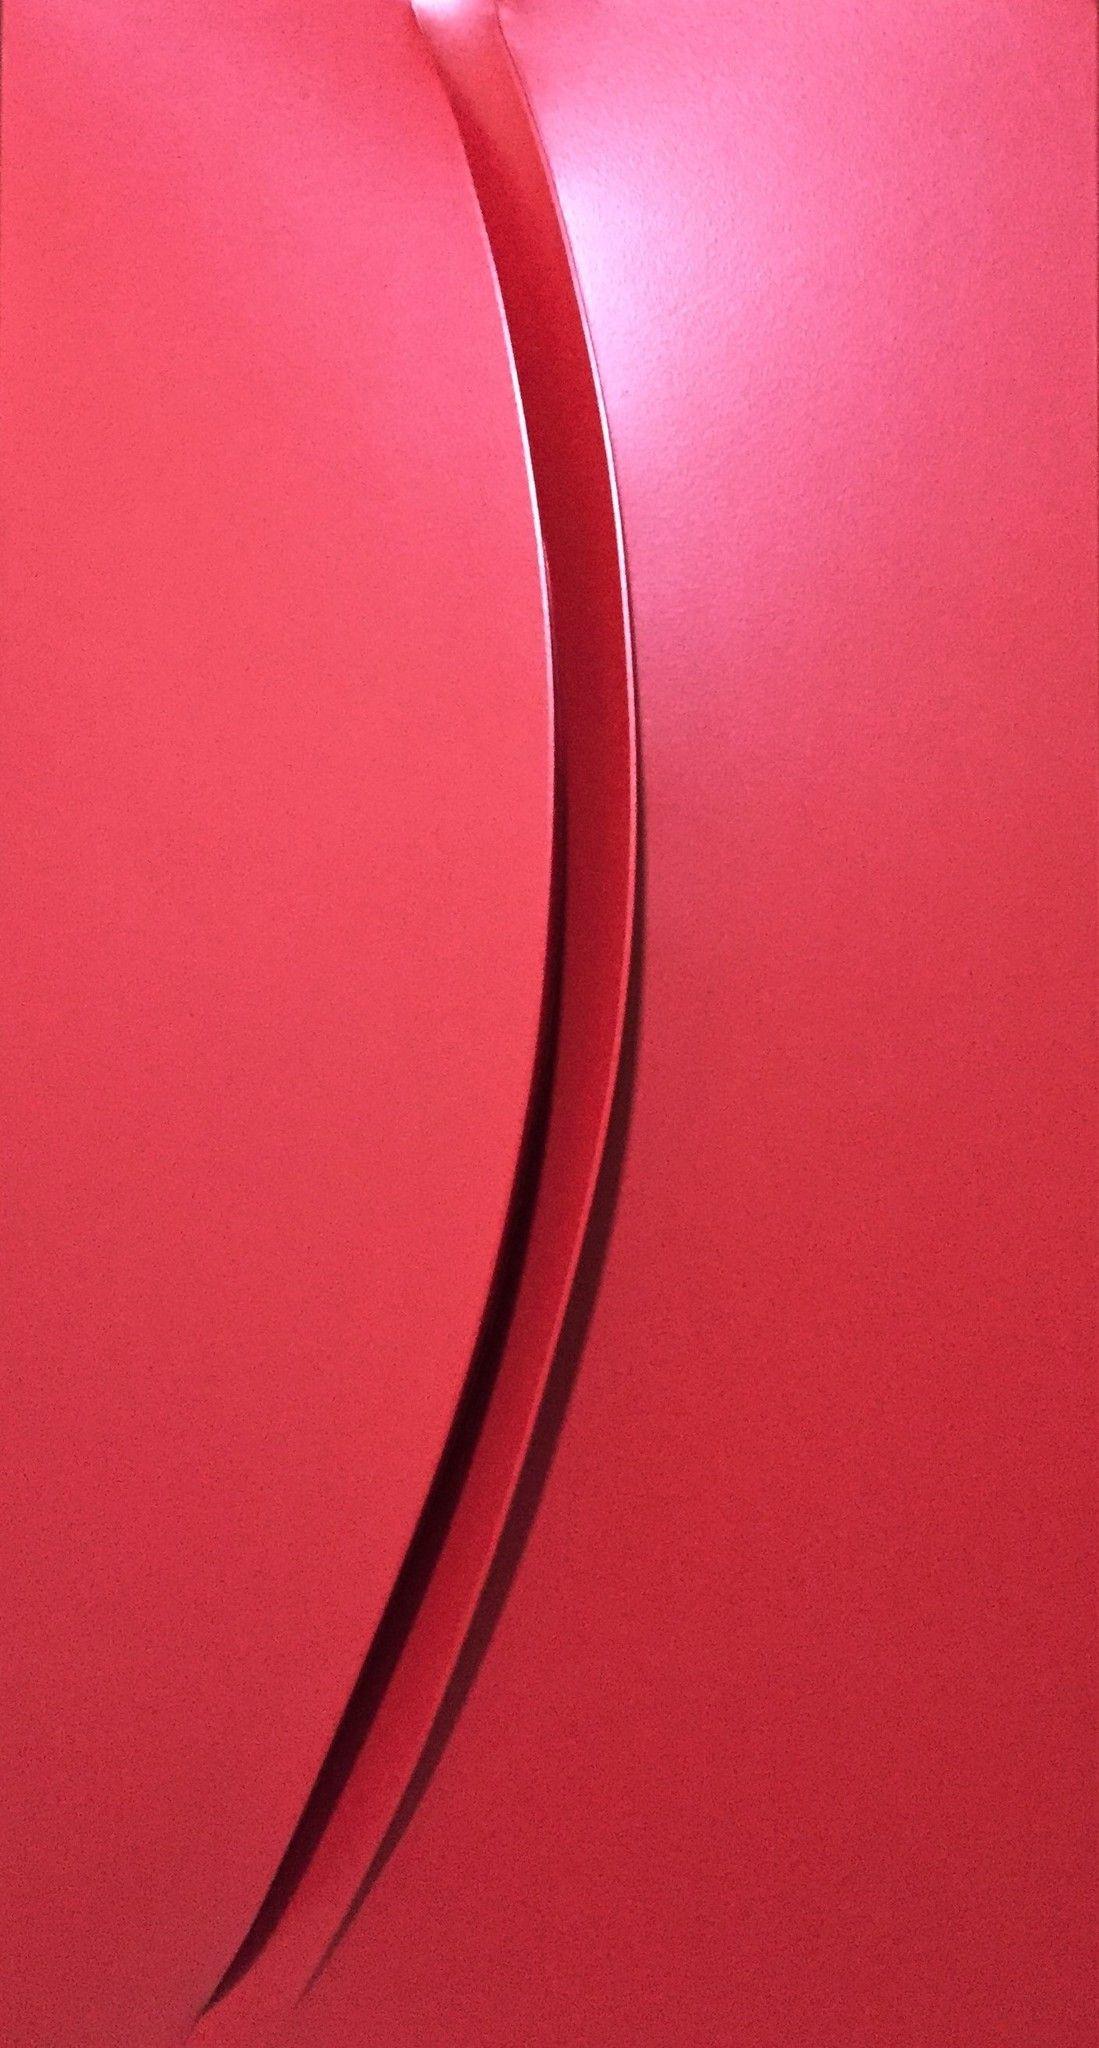 """TELA ESTROFLESSA GIUSEPPE AMADIO """" GLERI """"  dimensioni L 71 x H 131 cm."""